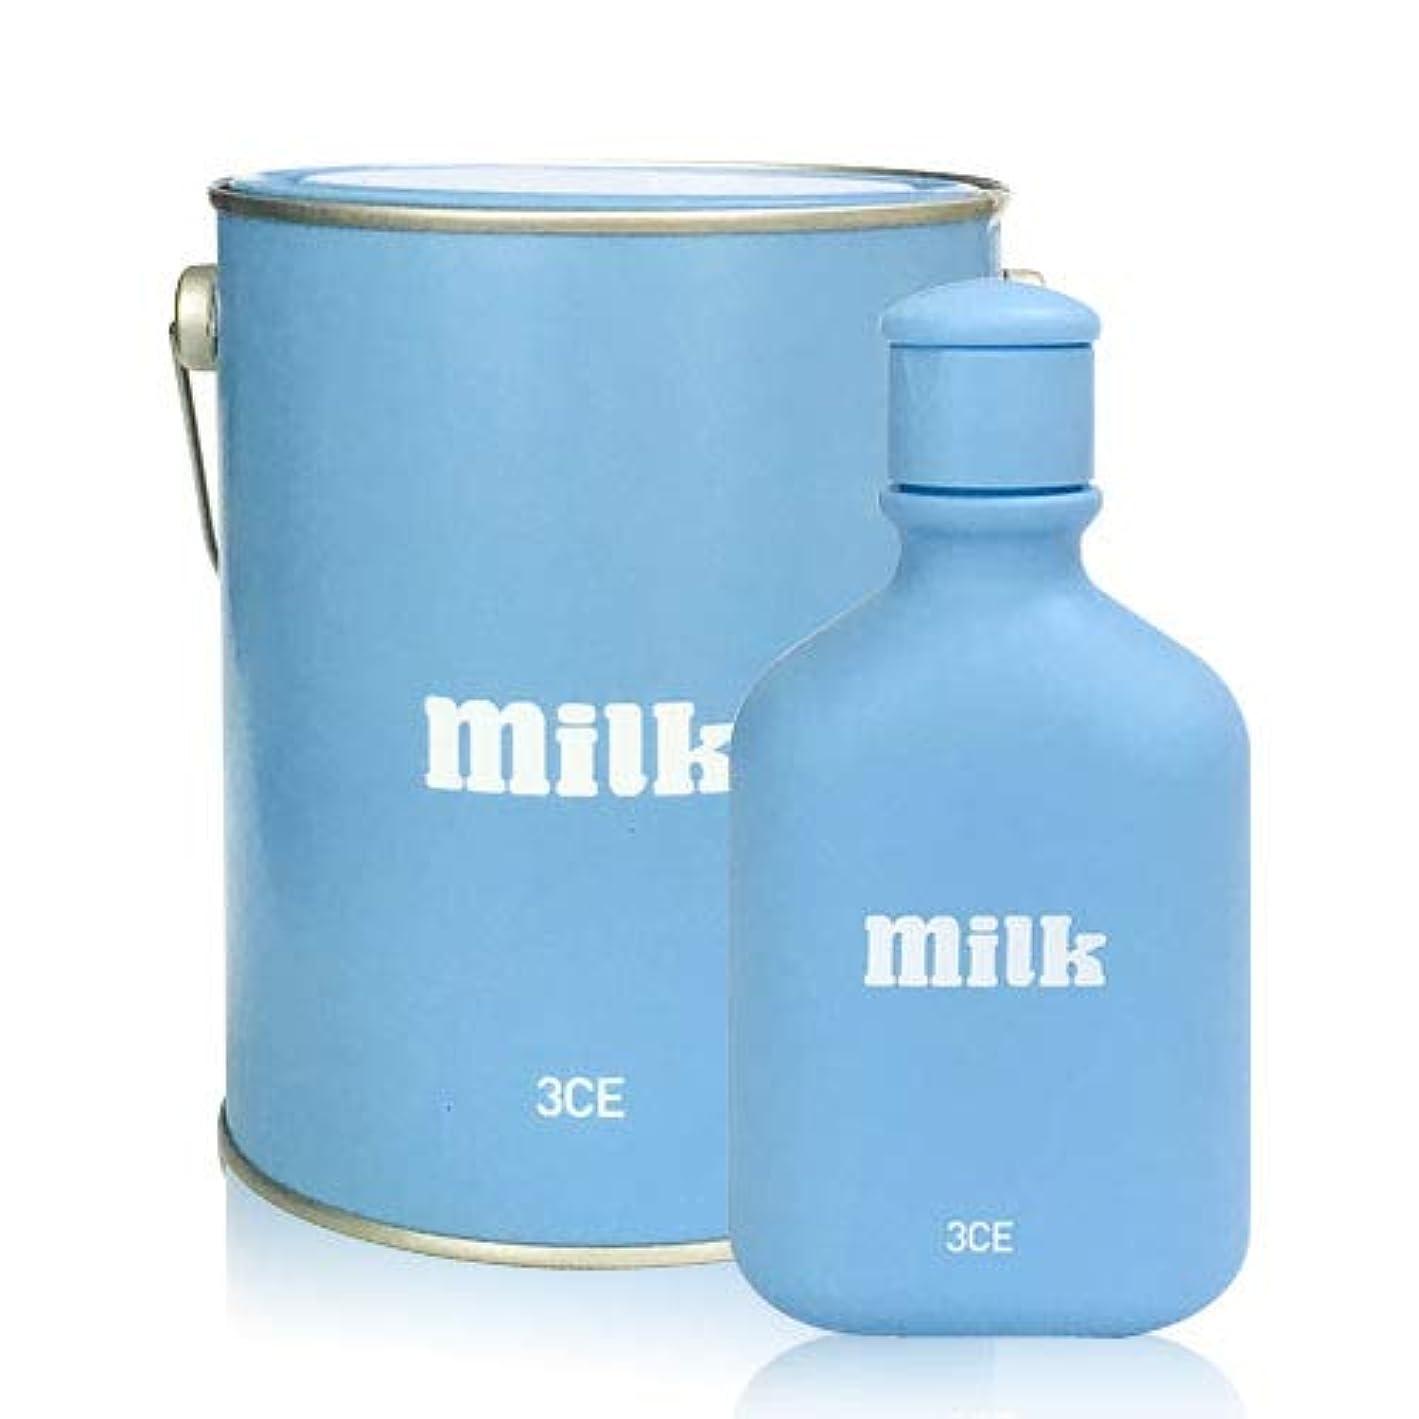 確立縮約引き受ける3CE WHITE MILK LOTION ホワイトミルクローション 150g [並行輸入品]